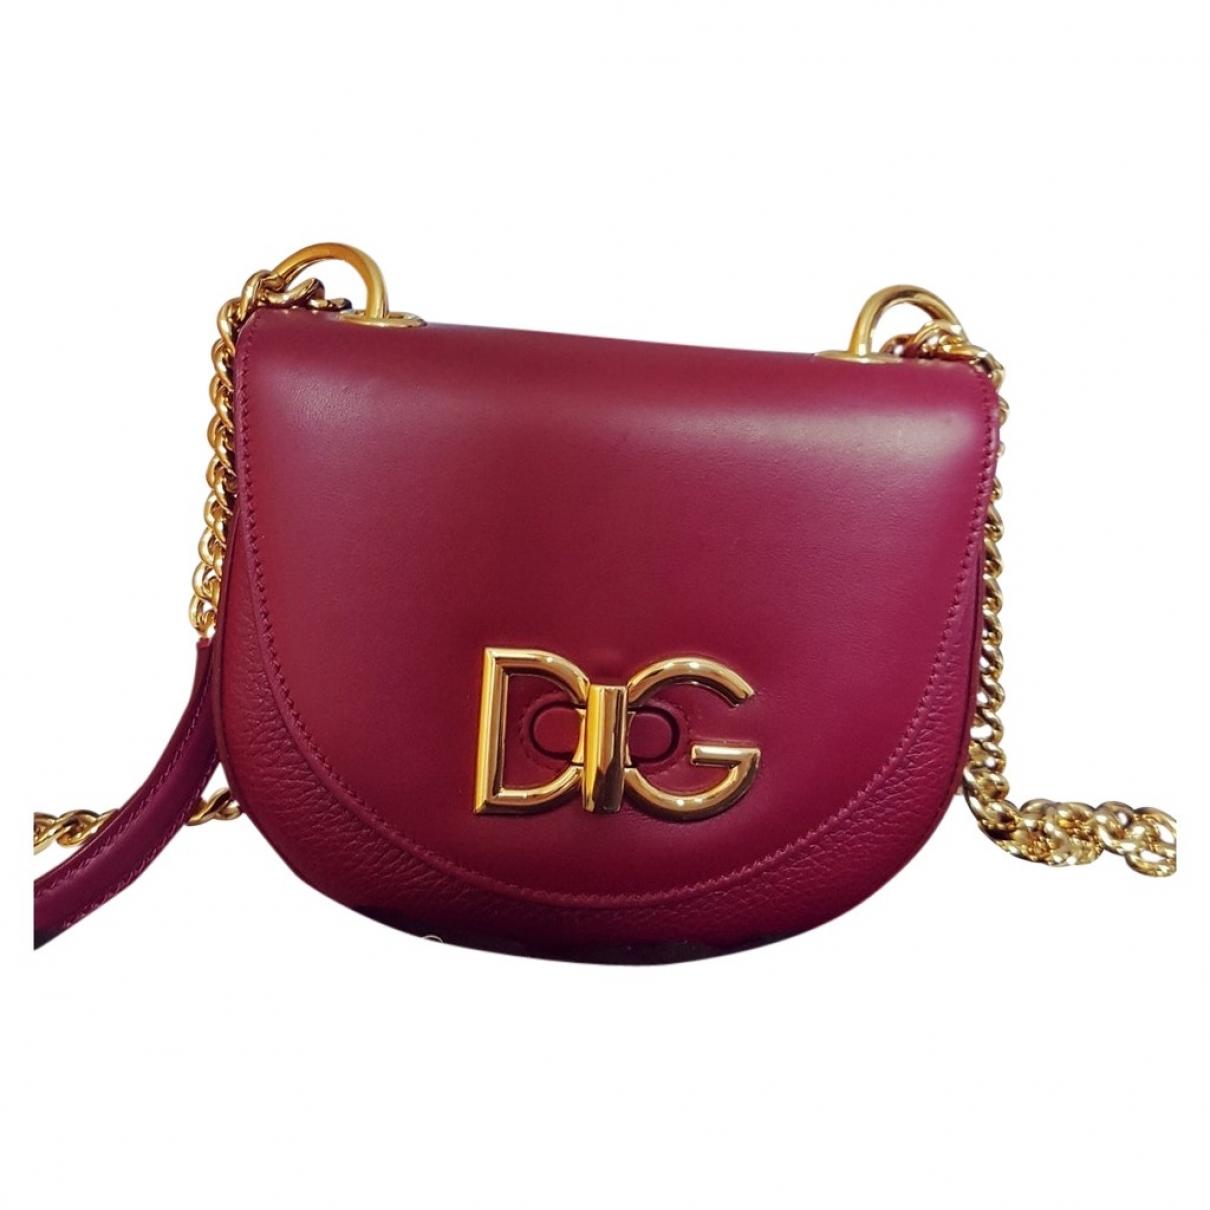 Dolce & Gabbana - Sac a main Wifi pour femme en cuir - bordeaux